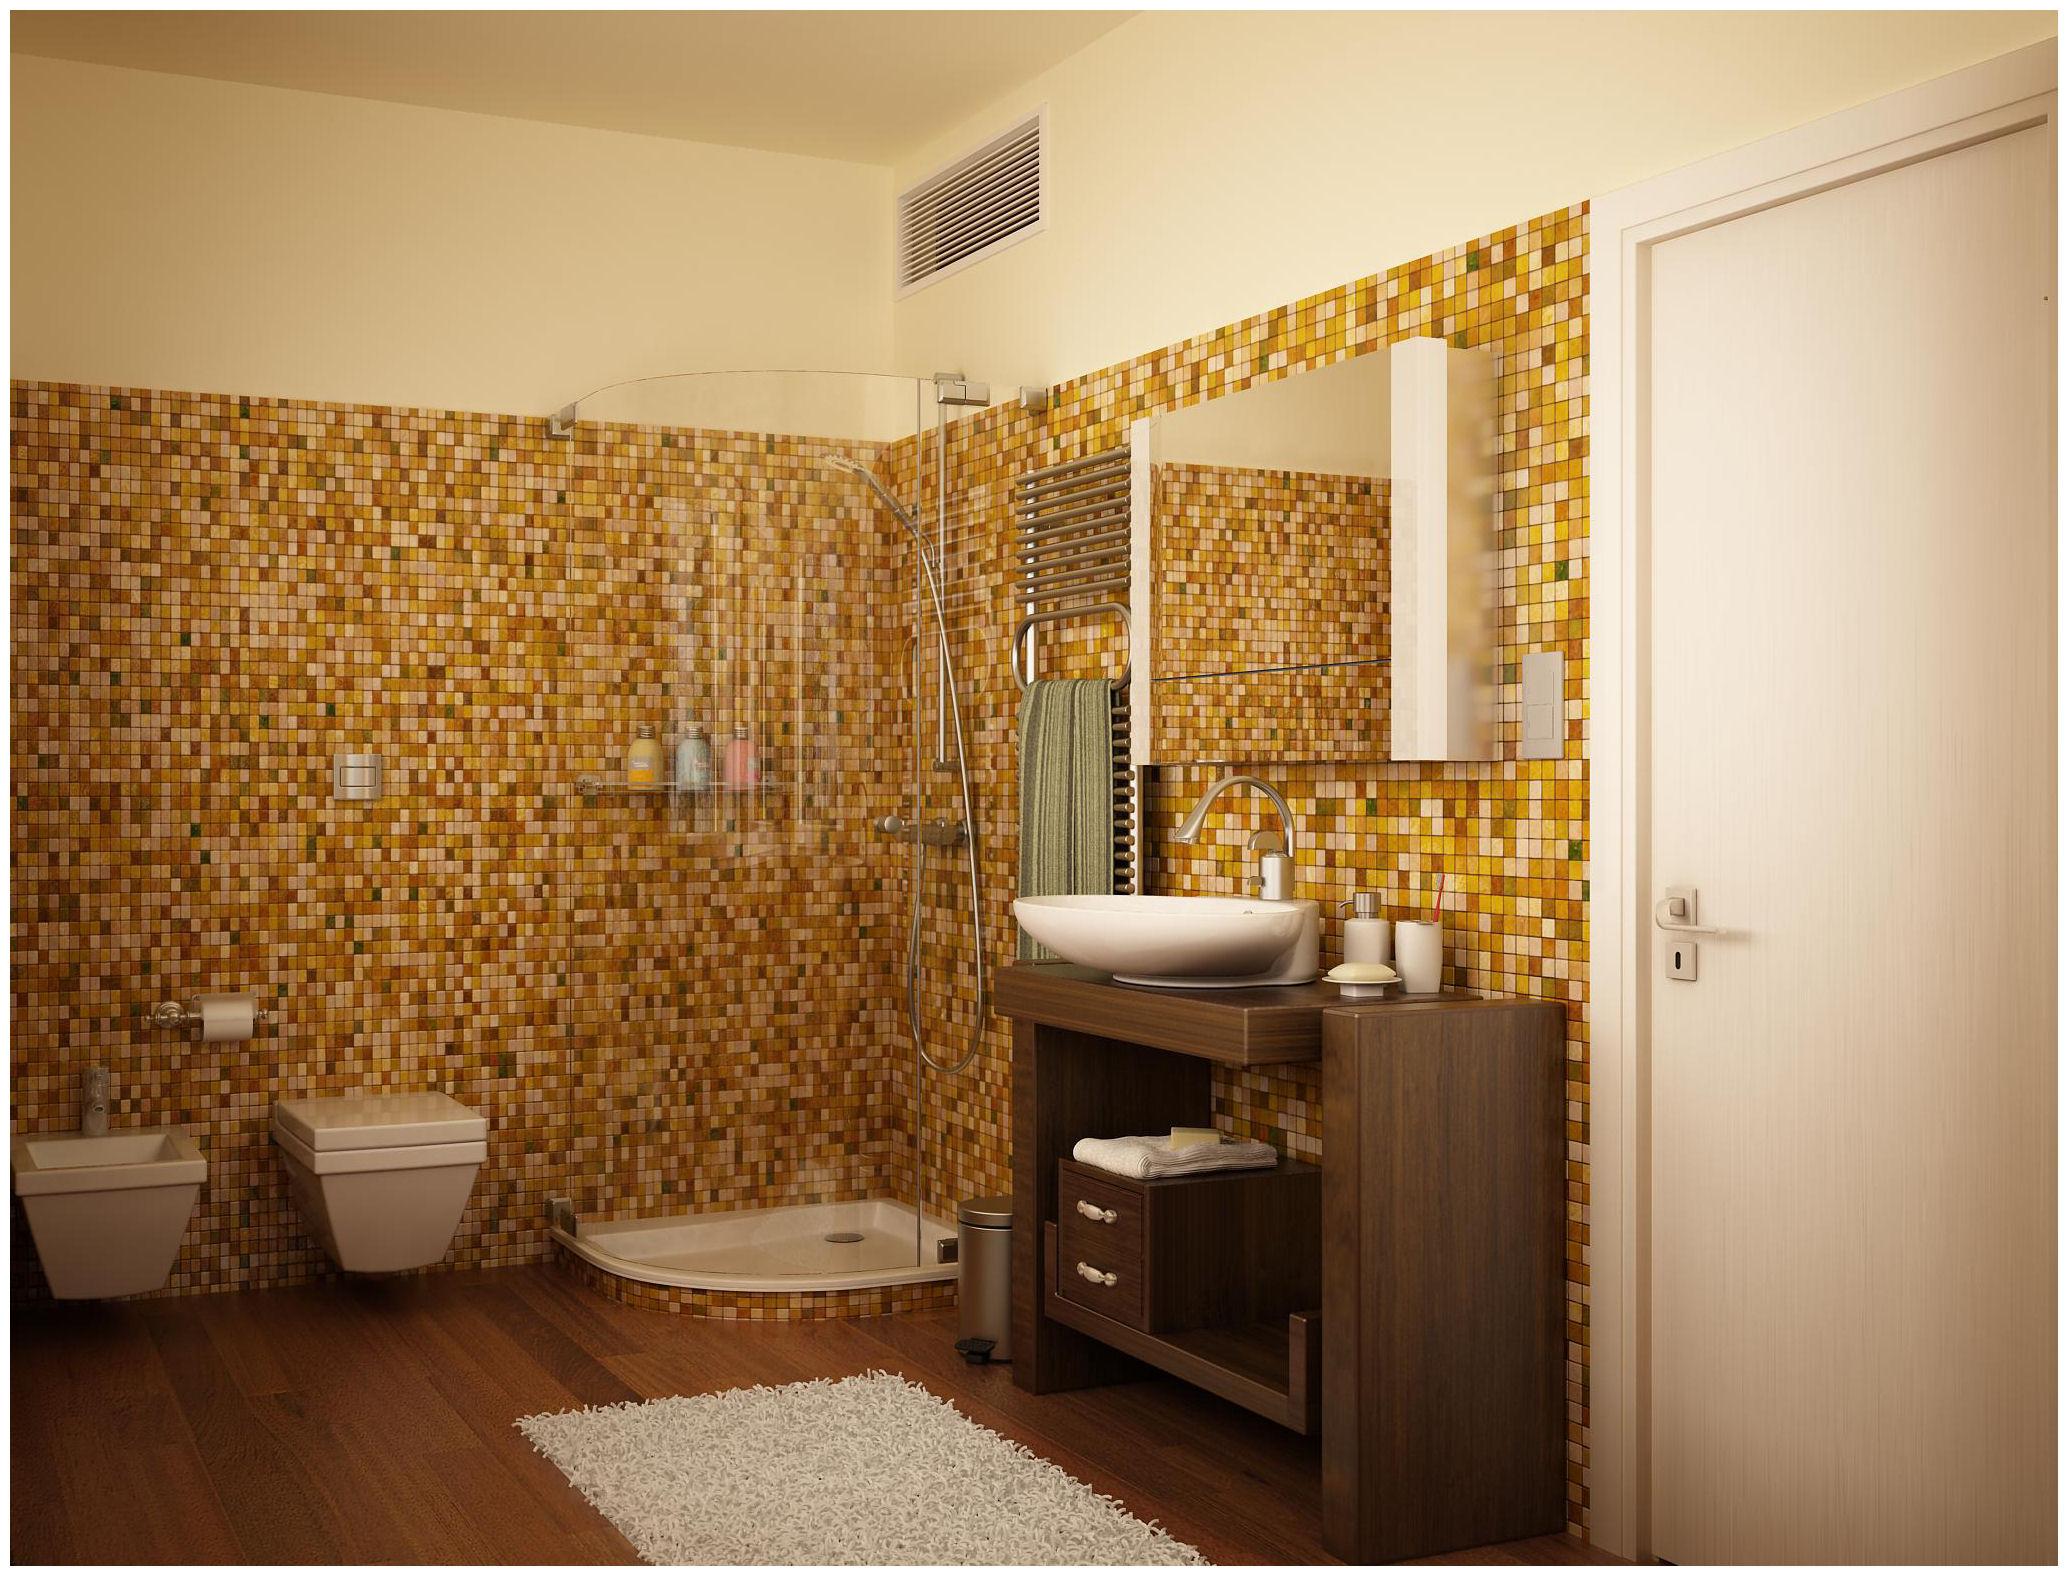 Interiores casa country for Interiores para casa